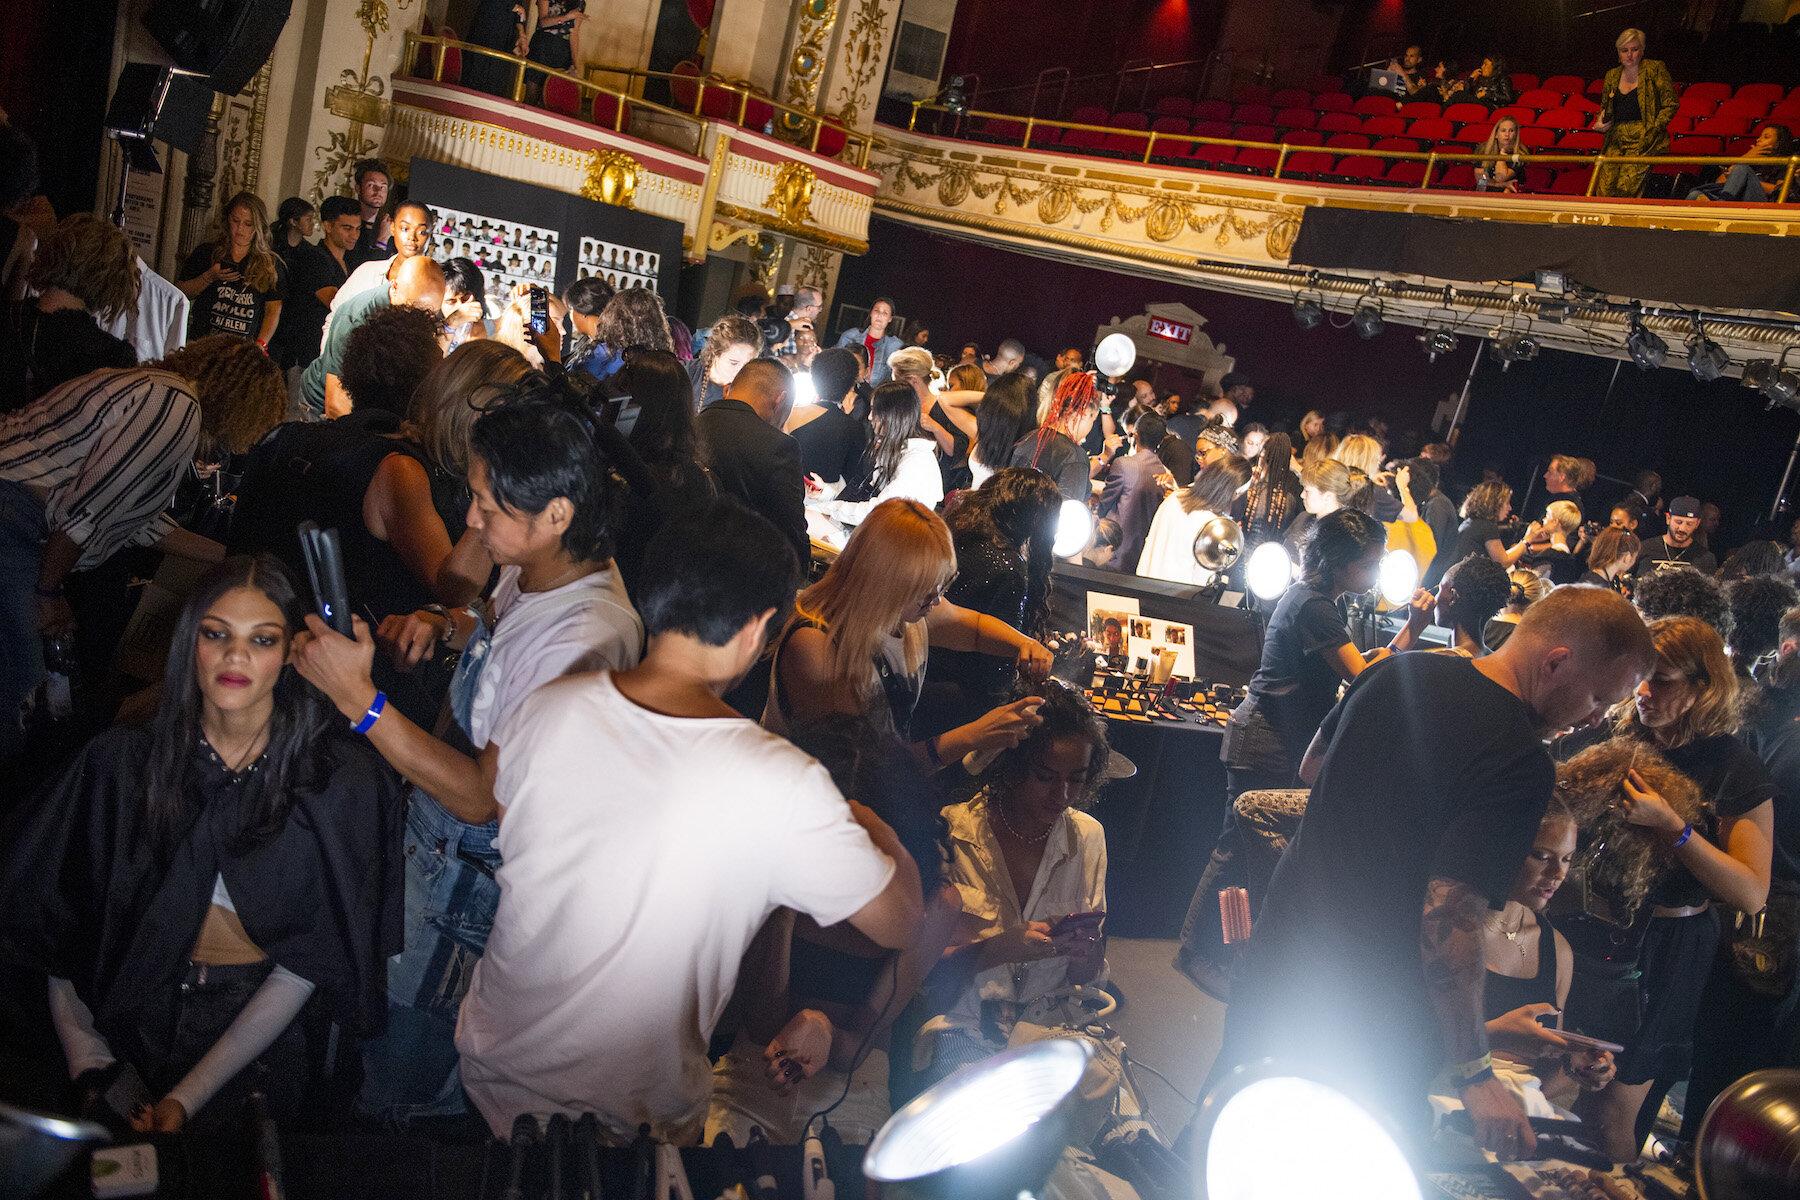 backstageatmosphere011-jpg.jpg